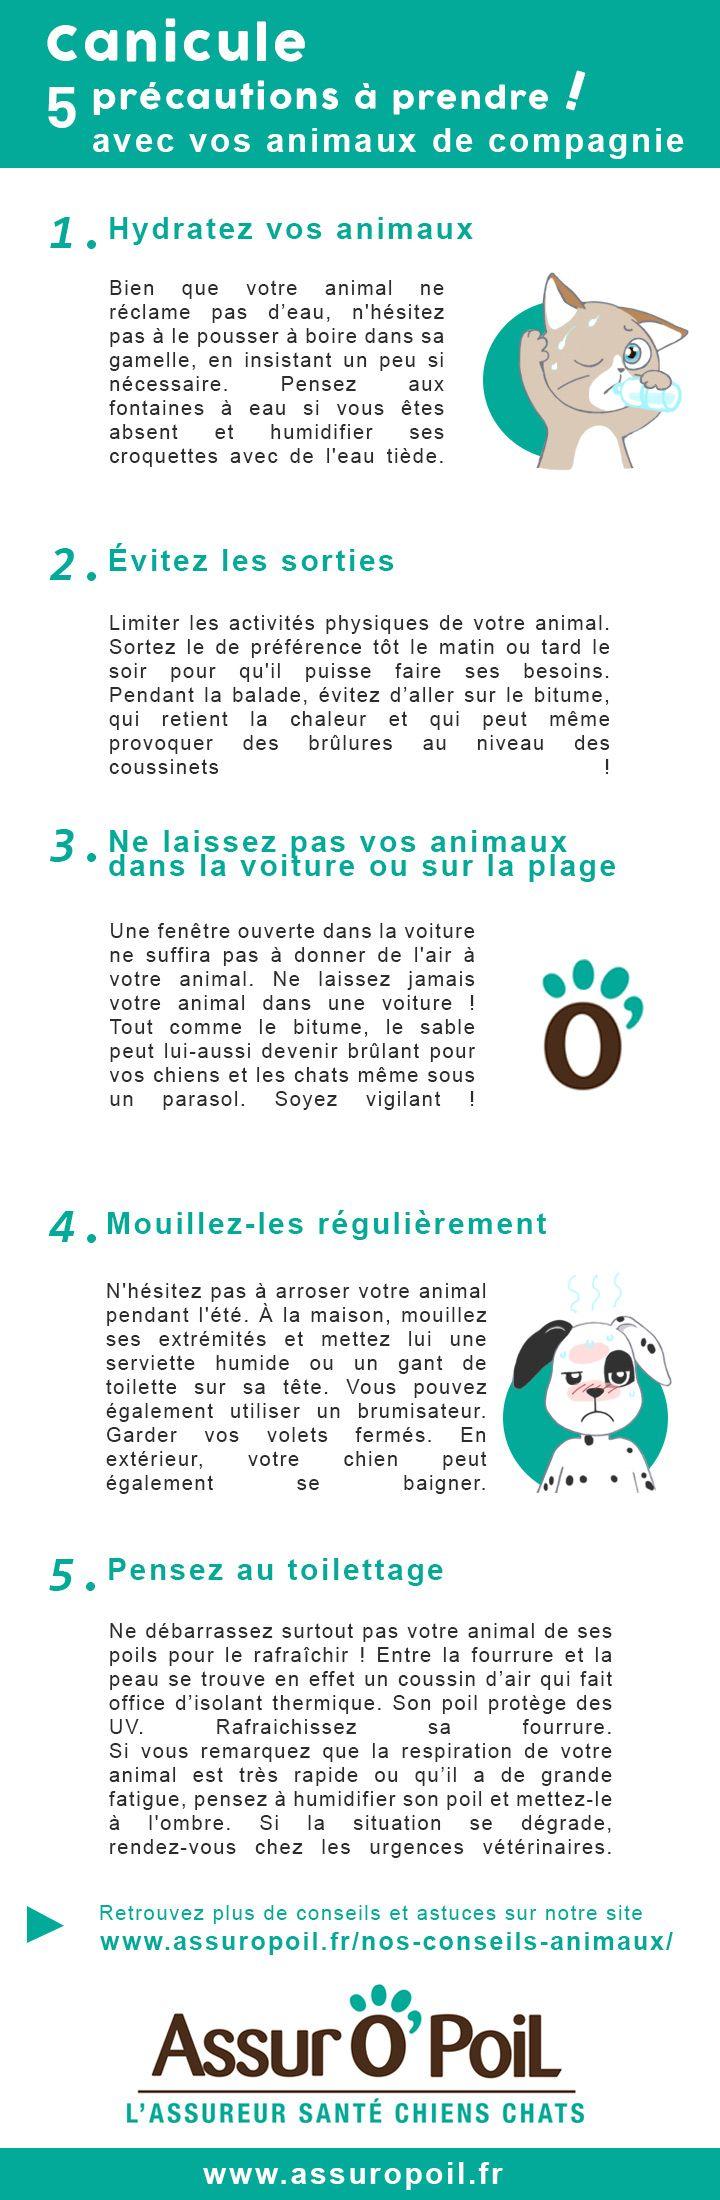 Canicule : 5 précautions à prendre avec votre #animal de compagnie #chien #chat